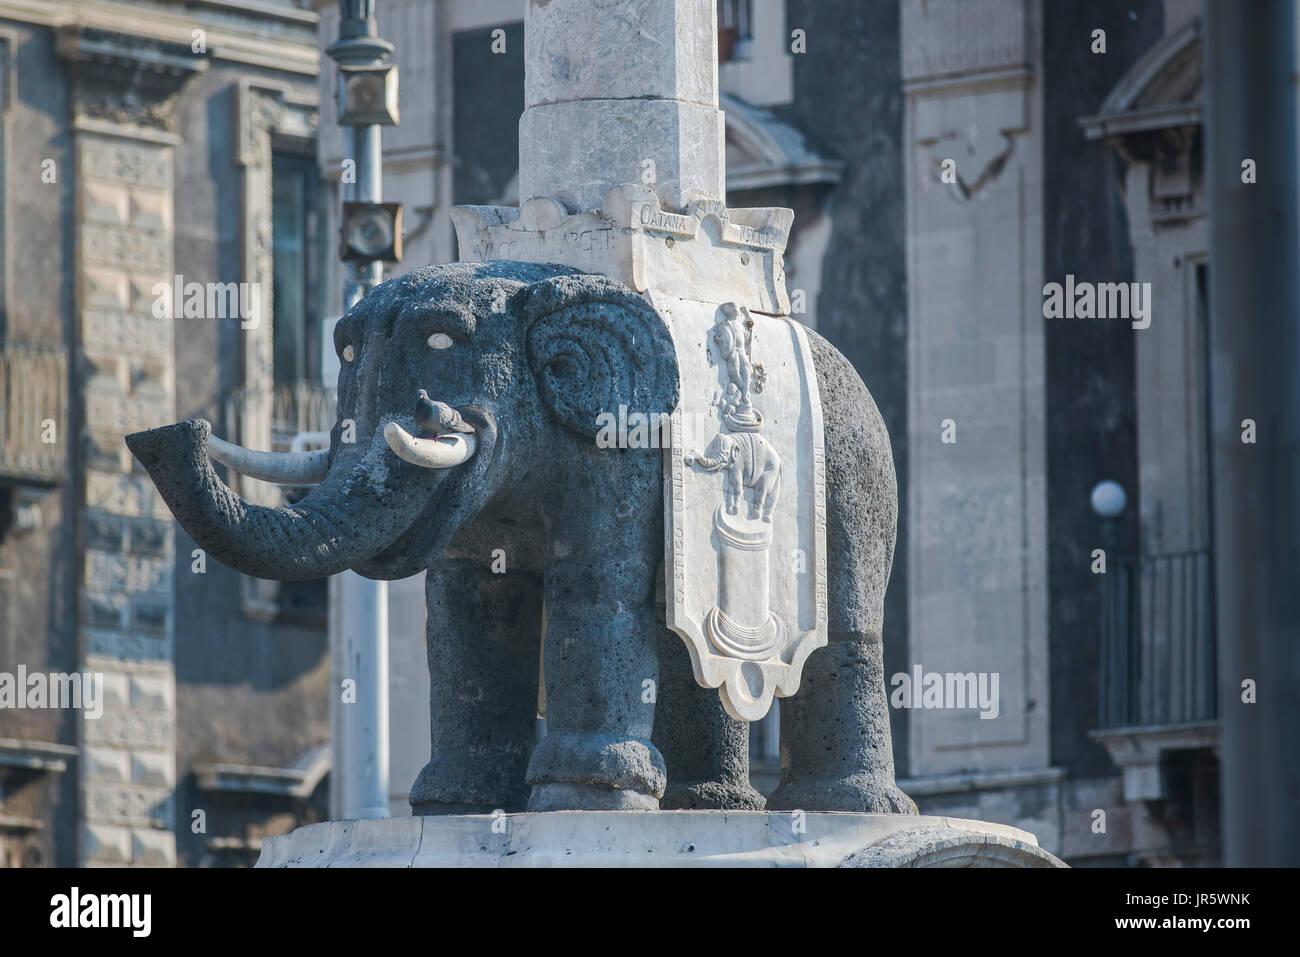 """Catania Sizilien Elefant, """"Liotru"""", ein Lava Felsen Elefant unterstützt einen ägyptischen Obelisk auf dem Rücken ist ein Wahrzeichen in der Stadt Catania. Stockbild"""